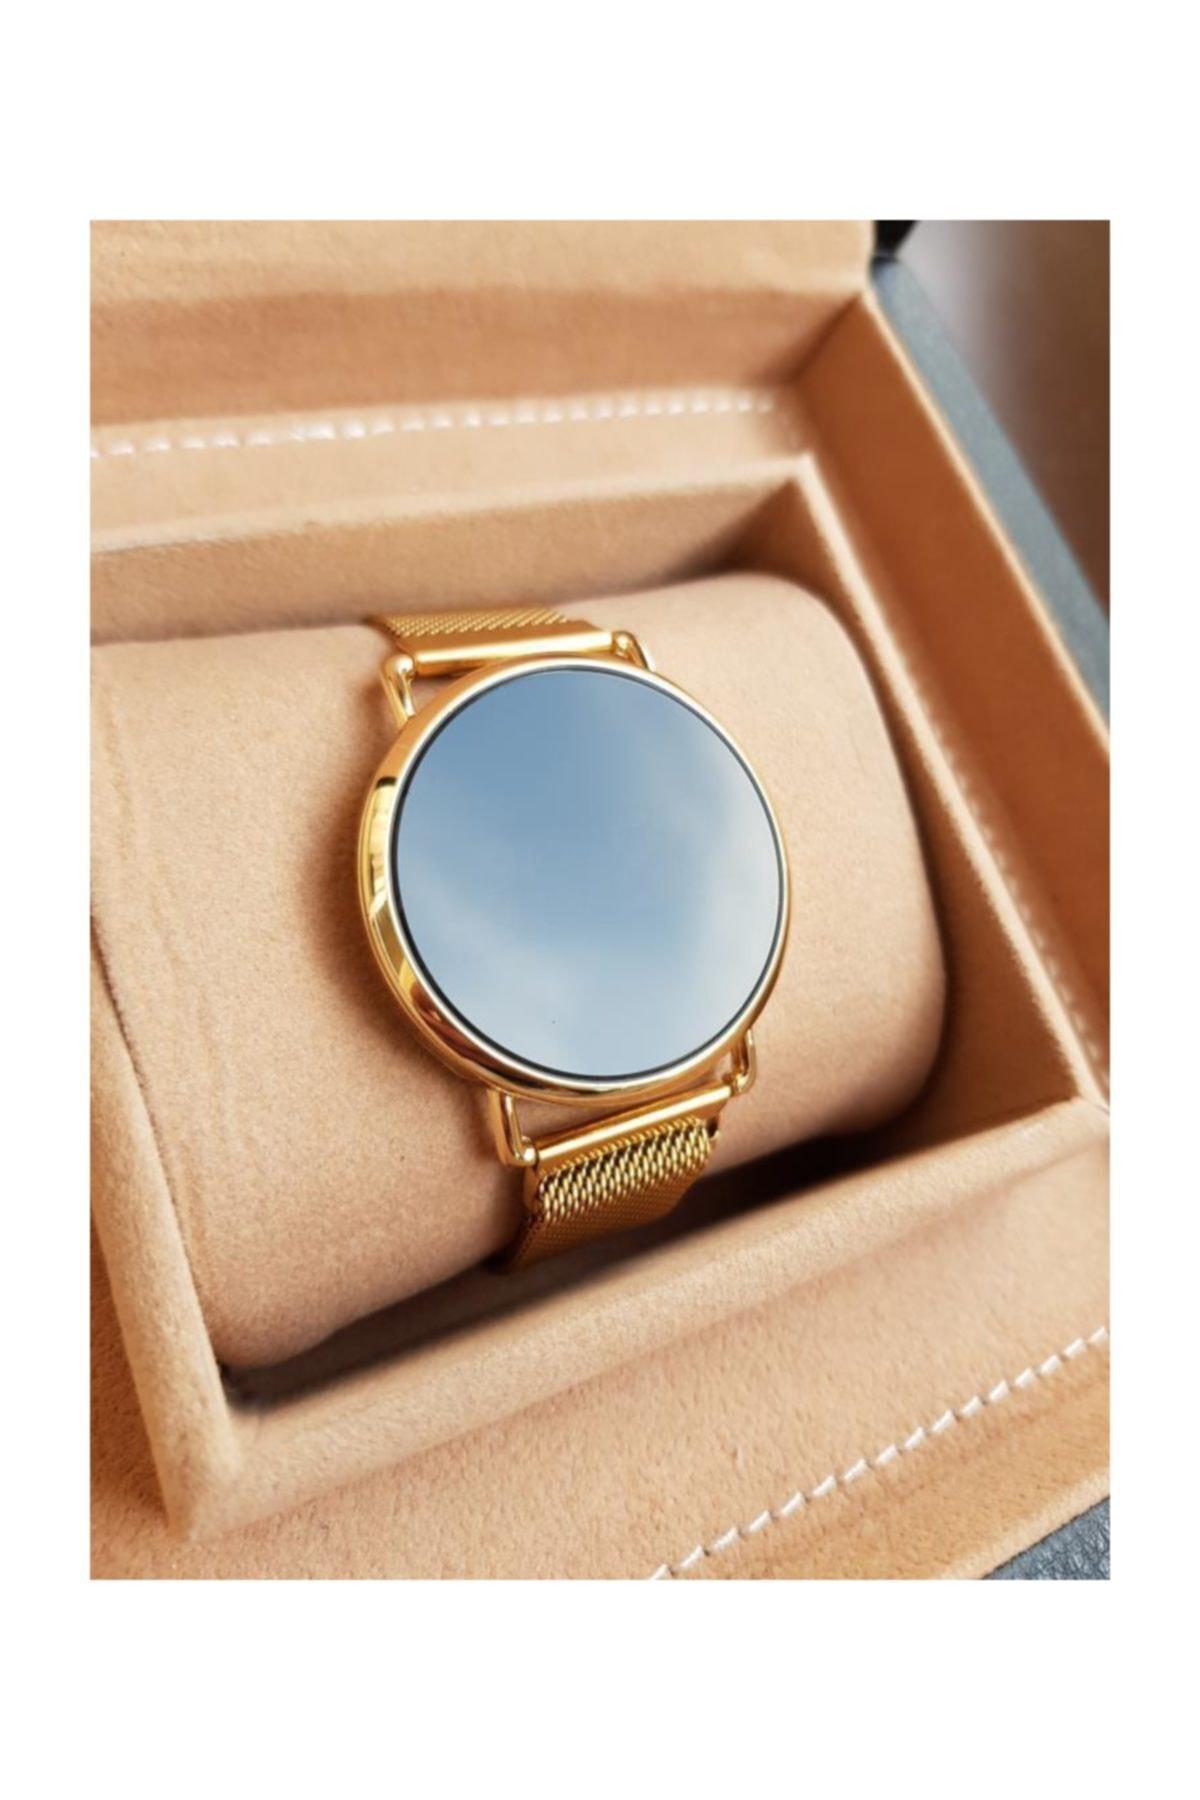 Gold Time Bileklik Hediyeli Mıknatıslı Kordon Dokunmatik Ekran Unisex Saat 1